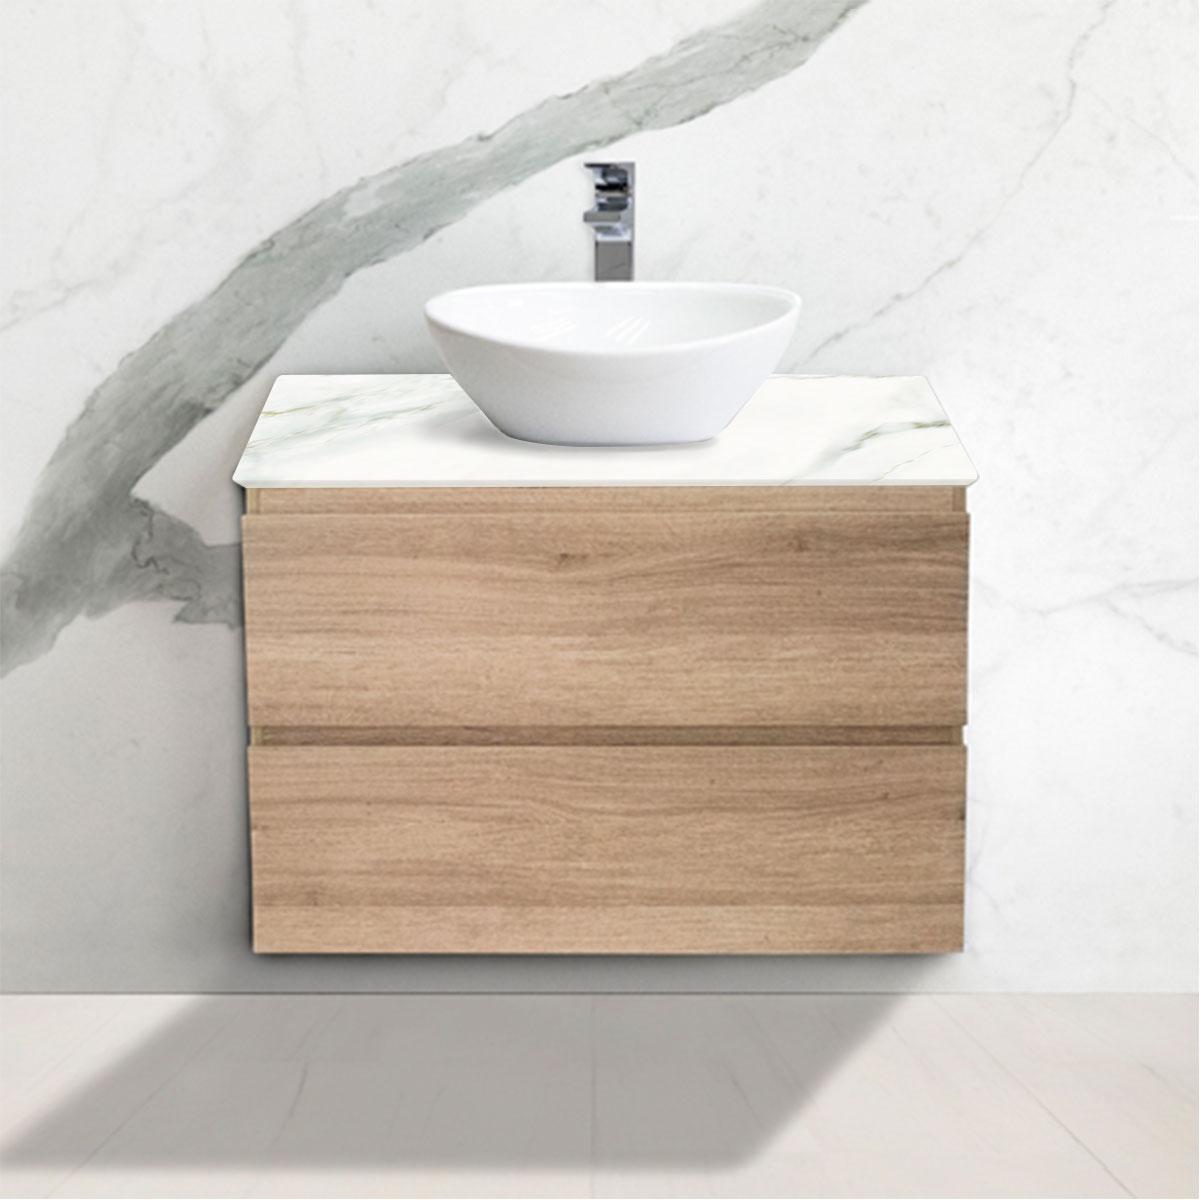 Small Oak Woodgrain Cabinet - Vanity- 2 Drawers - Calacatta Oro - Stone3 Brisbane